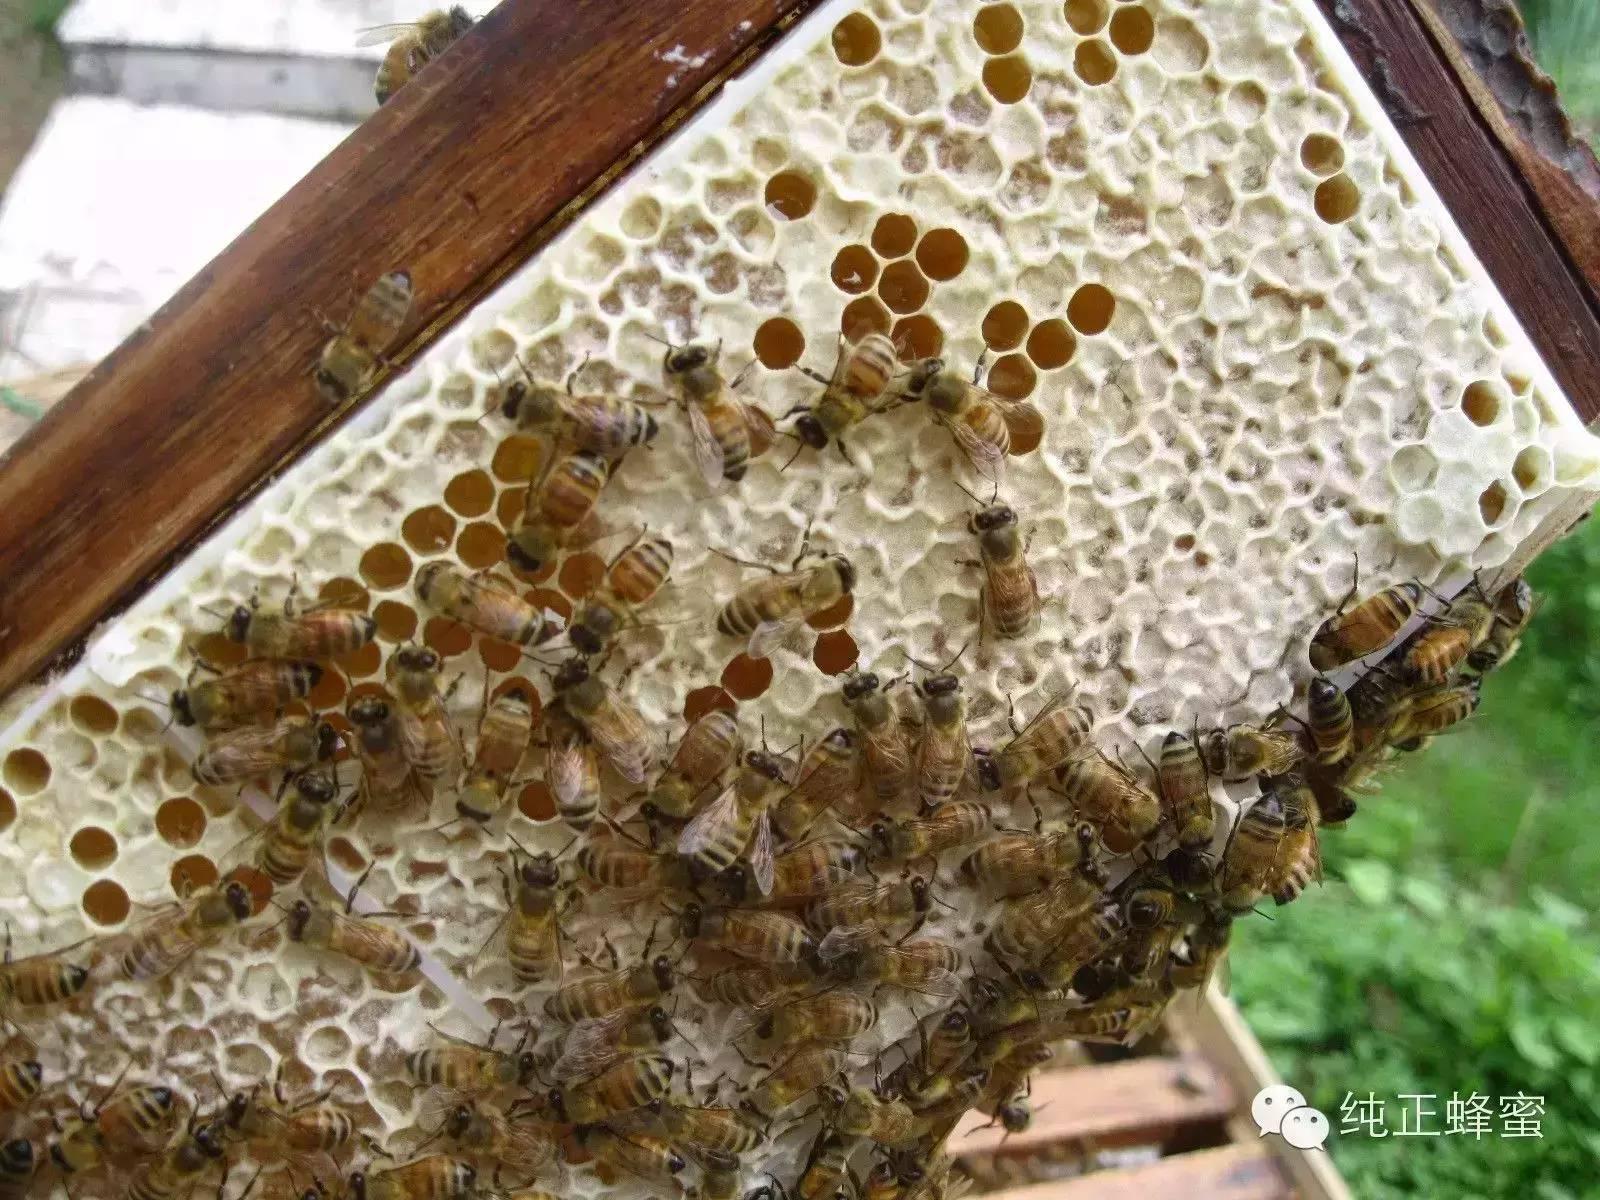 白醋蜂蜜面膜 柠檬蜂蜜祛斑面膜 什么蜂蜜排毒养颜 荔枝蜂蜜价格 蜂蜜能美容吗